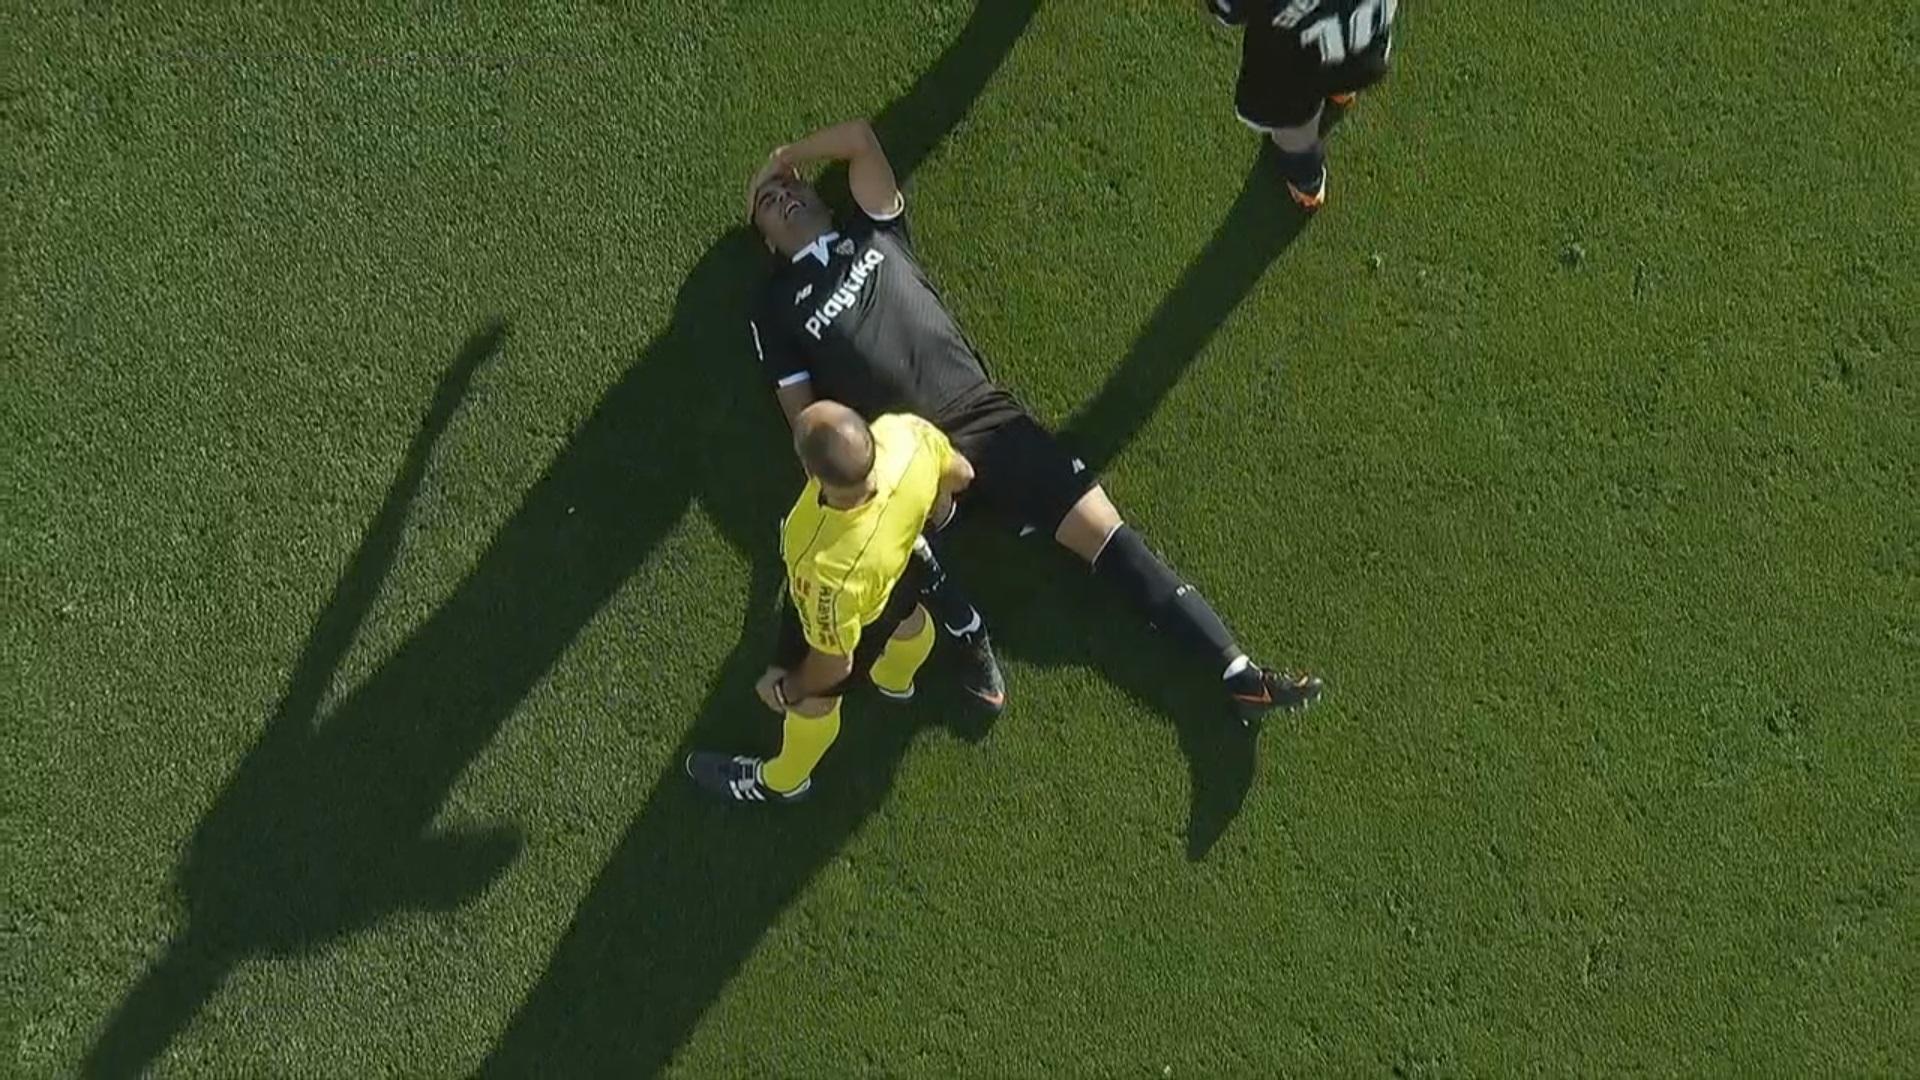 Mercado sufrió una lesión en la espalda